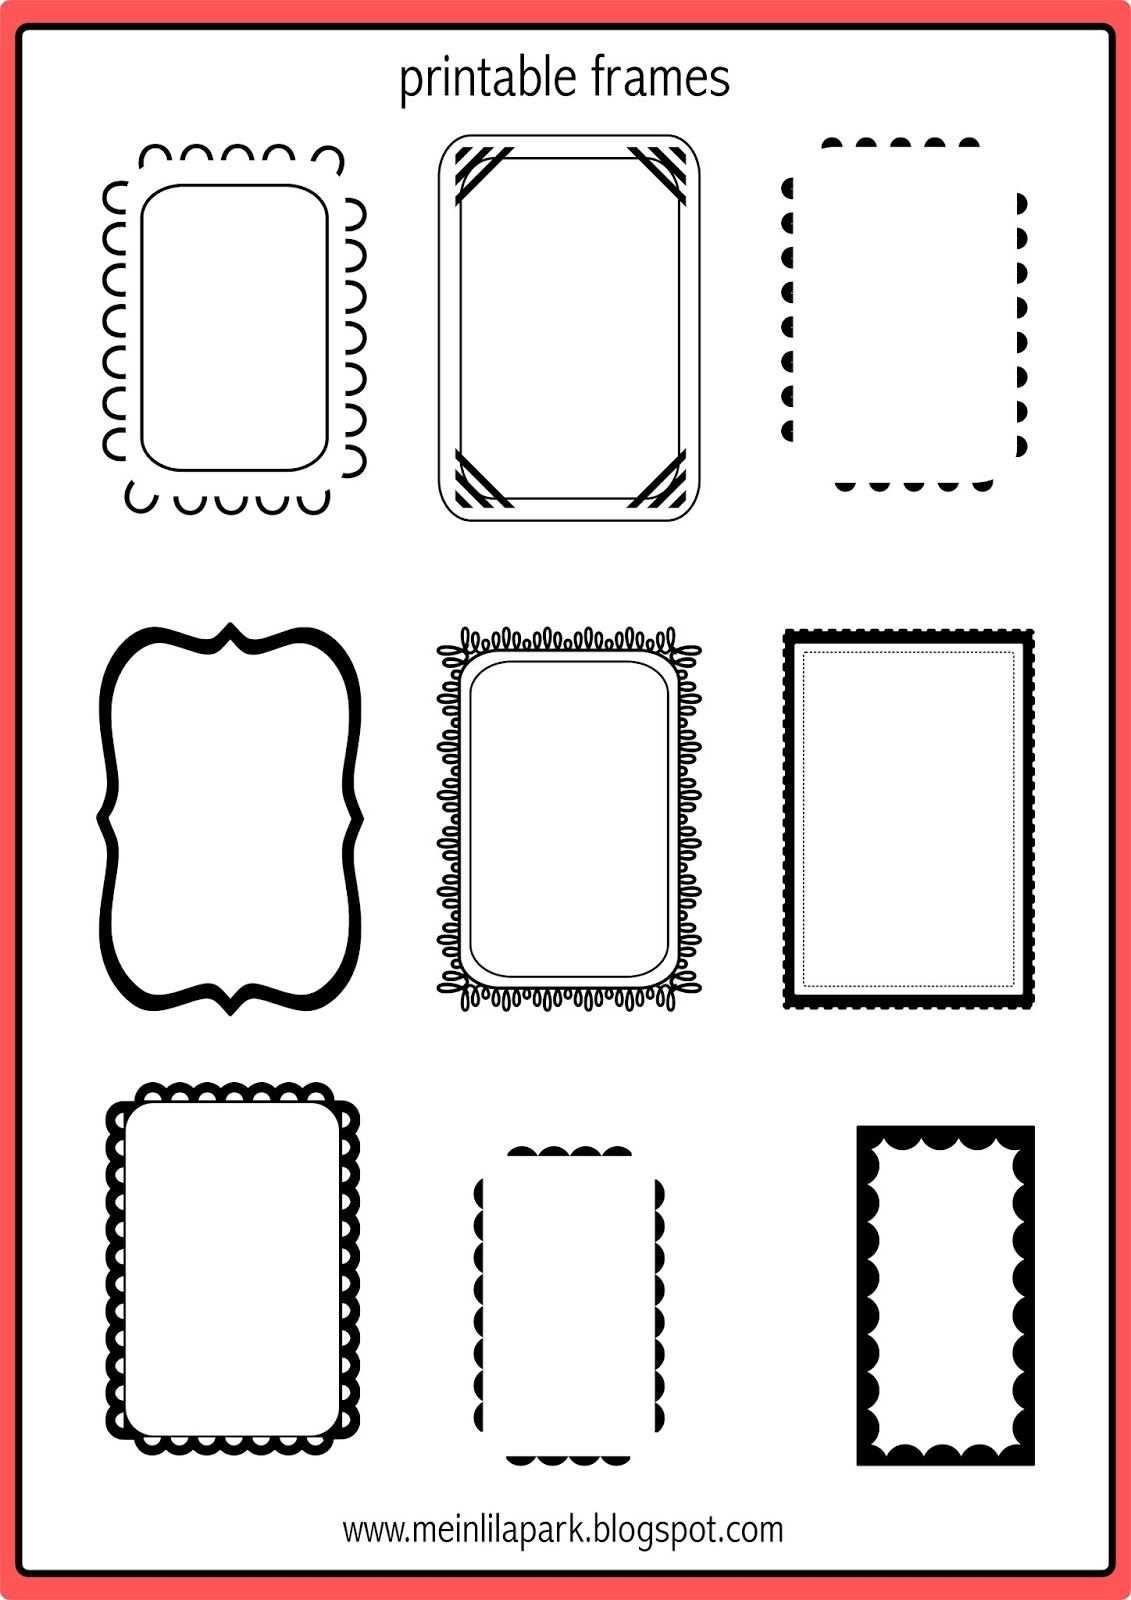 Free Printable Doodle Frames Ausdruckbare Etiketten Freebie Mit Bildern Druckbare Bilder Druckbare Planeraufkleber Free Printable Planner Stickers